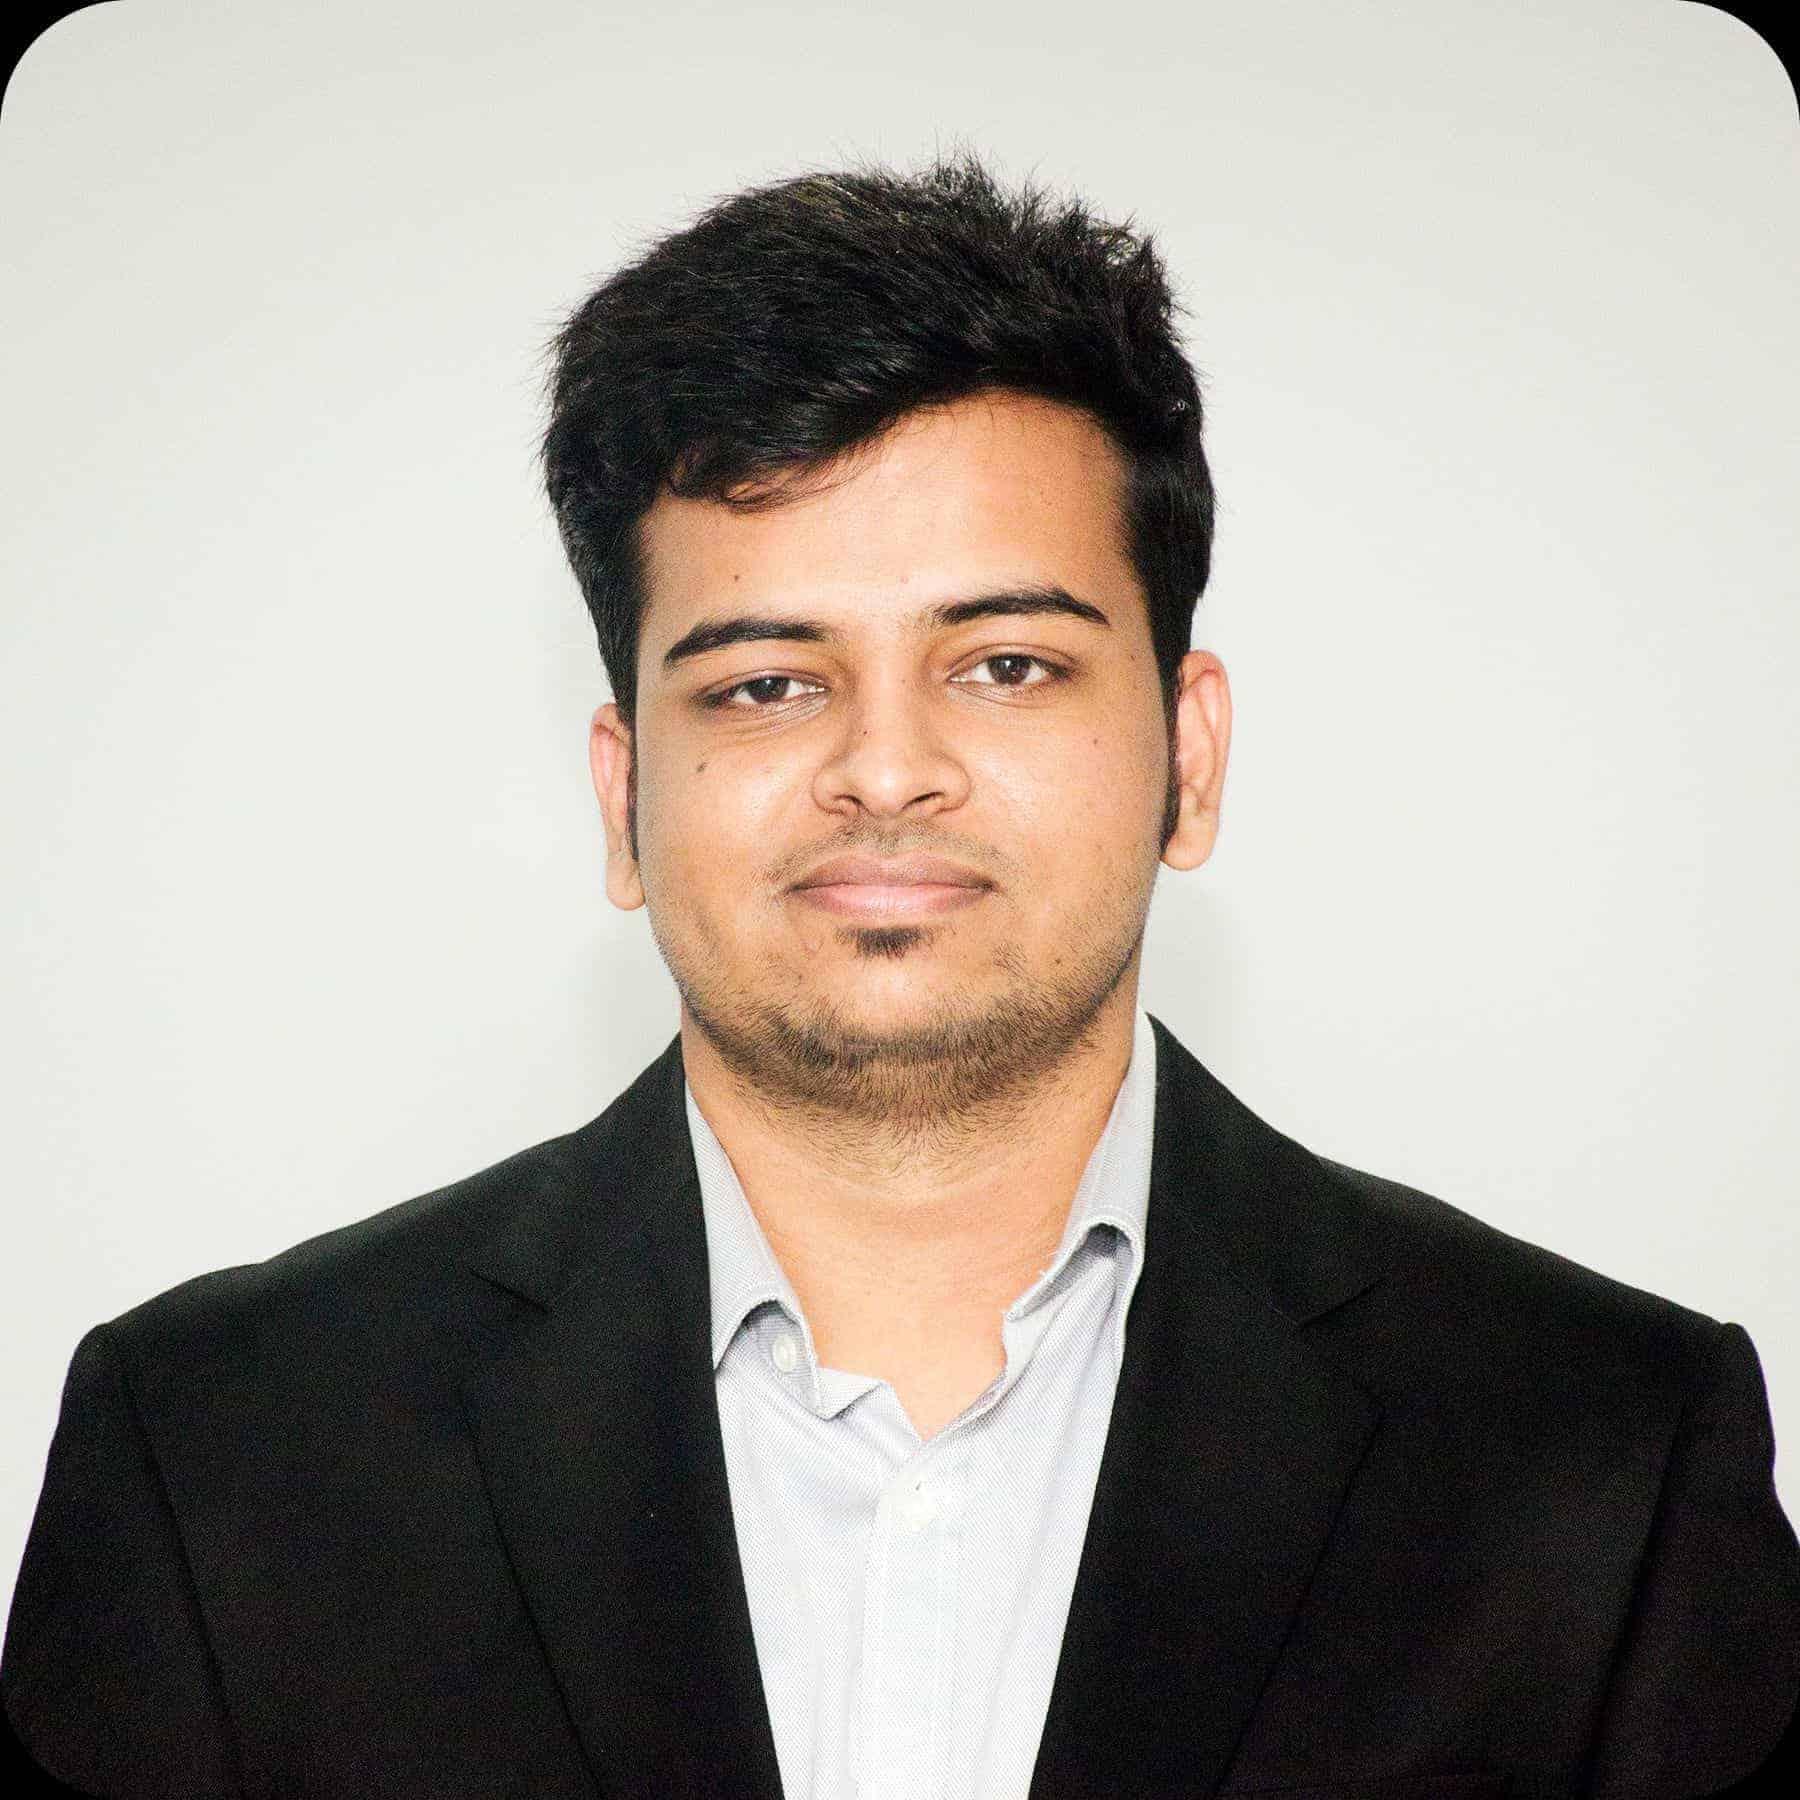 Rishabh Saraswat